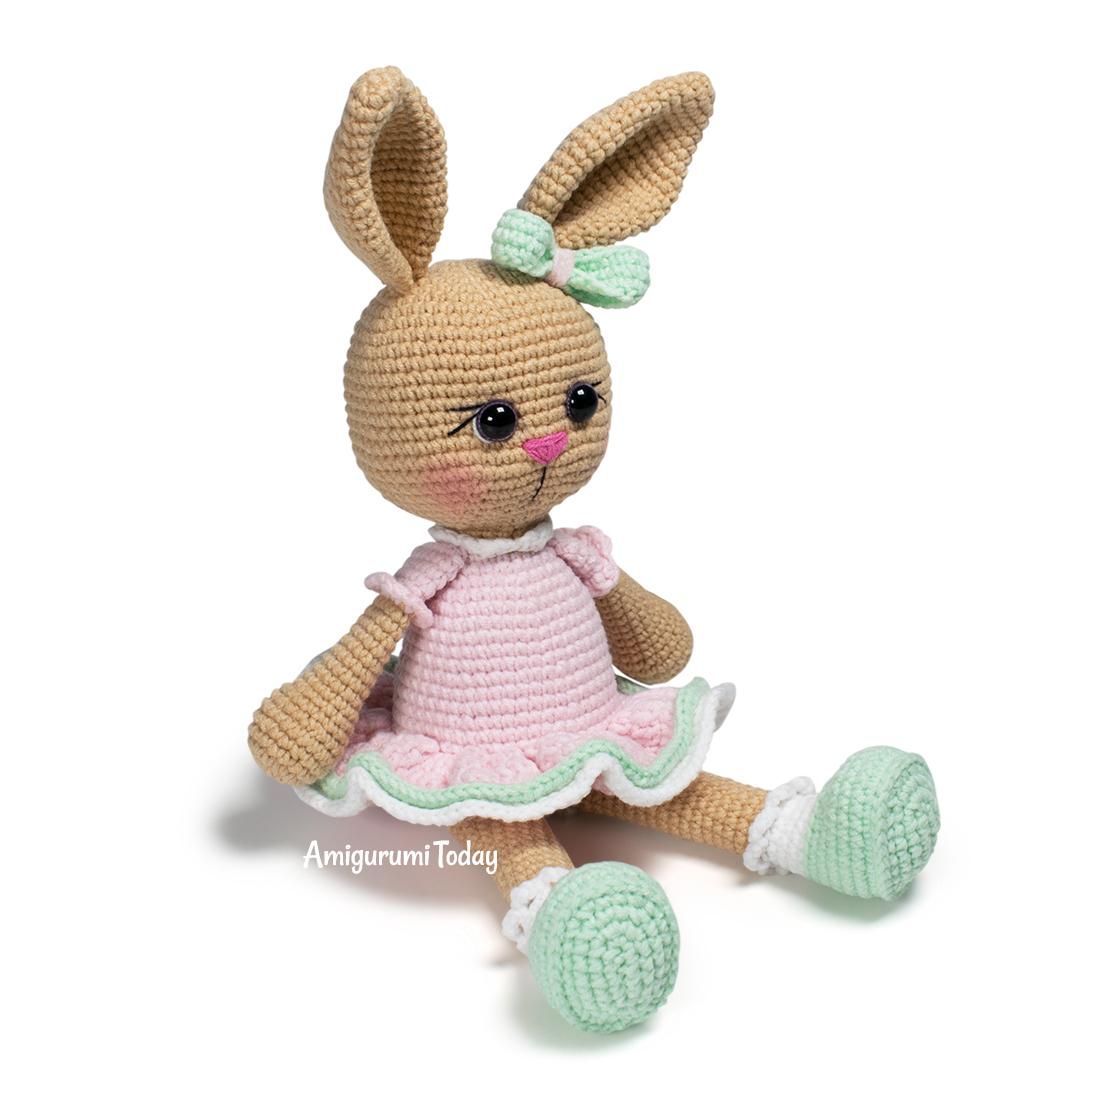 Amigurumi bunny in pullover pattern - Amigurumi Today   1100x1100